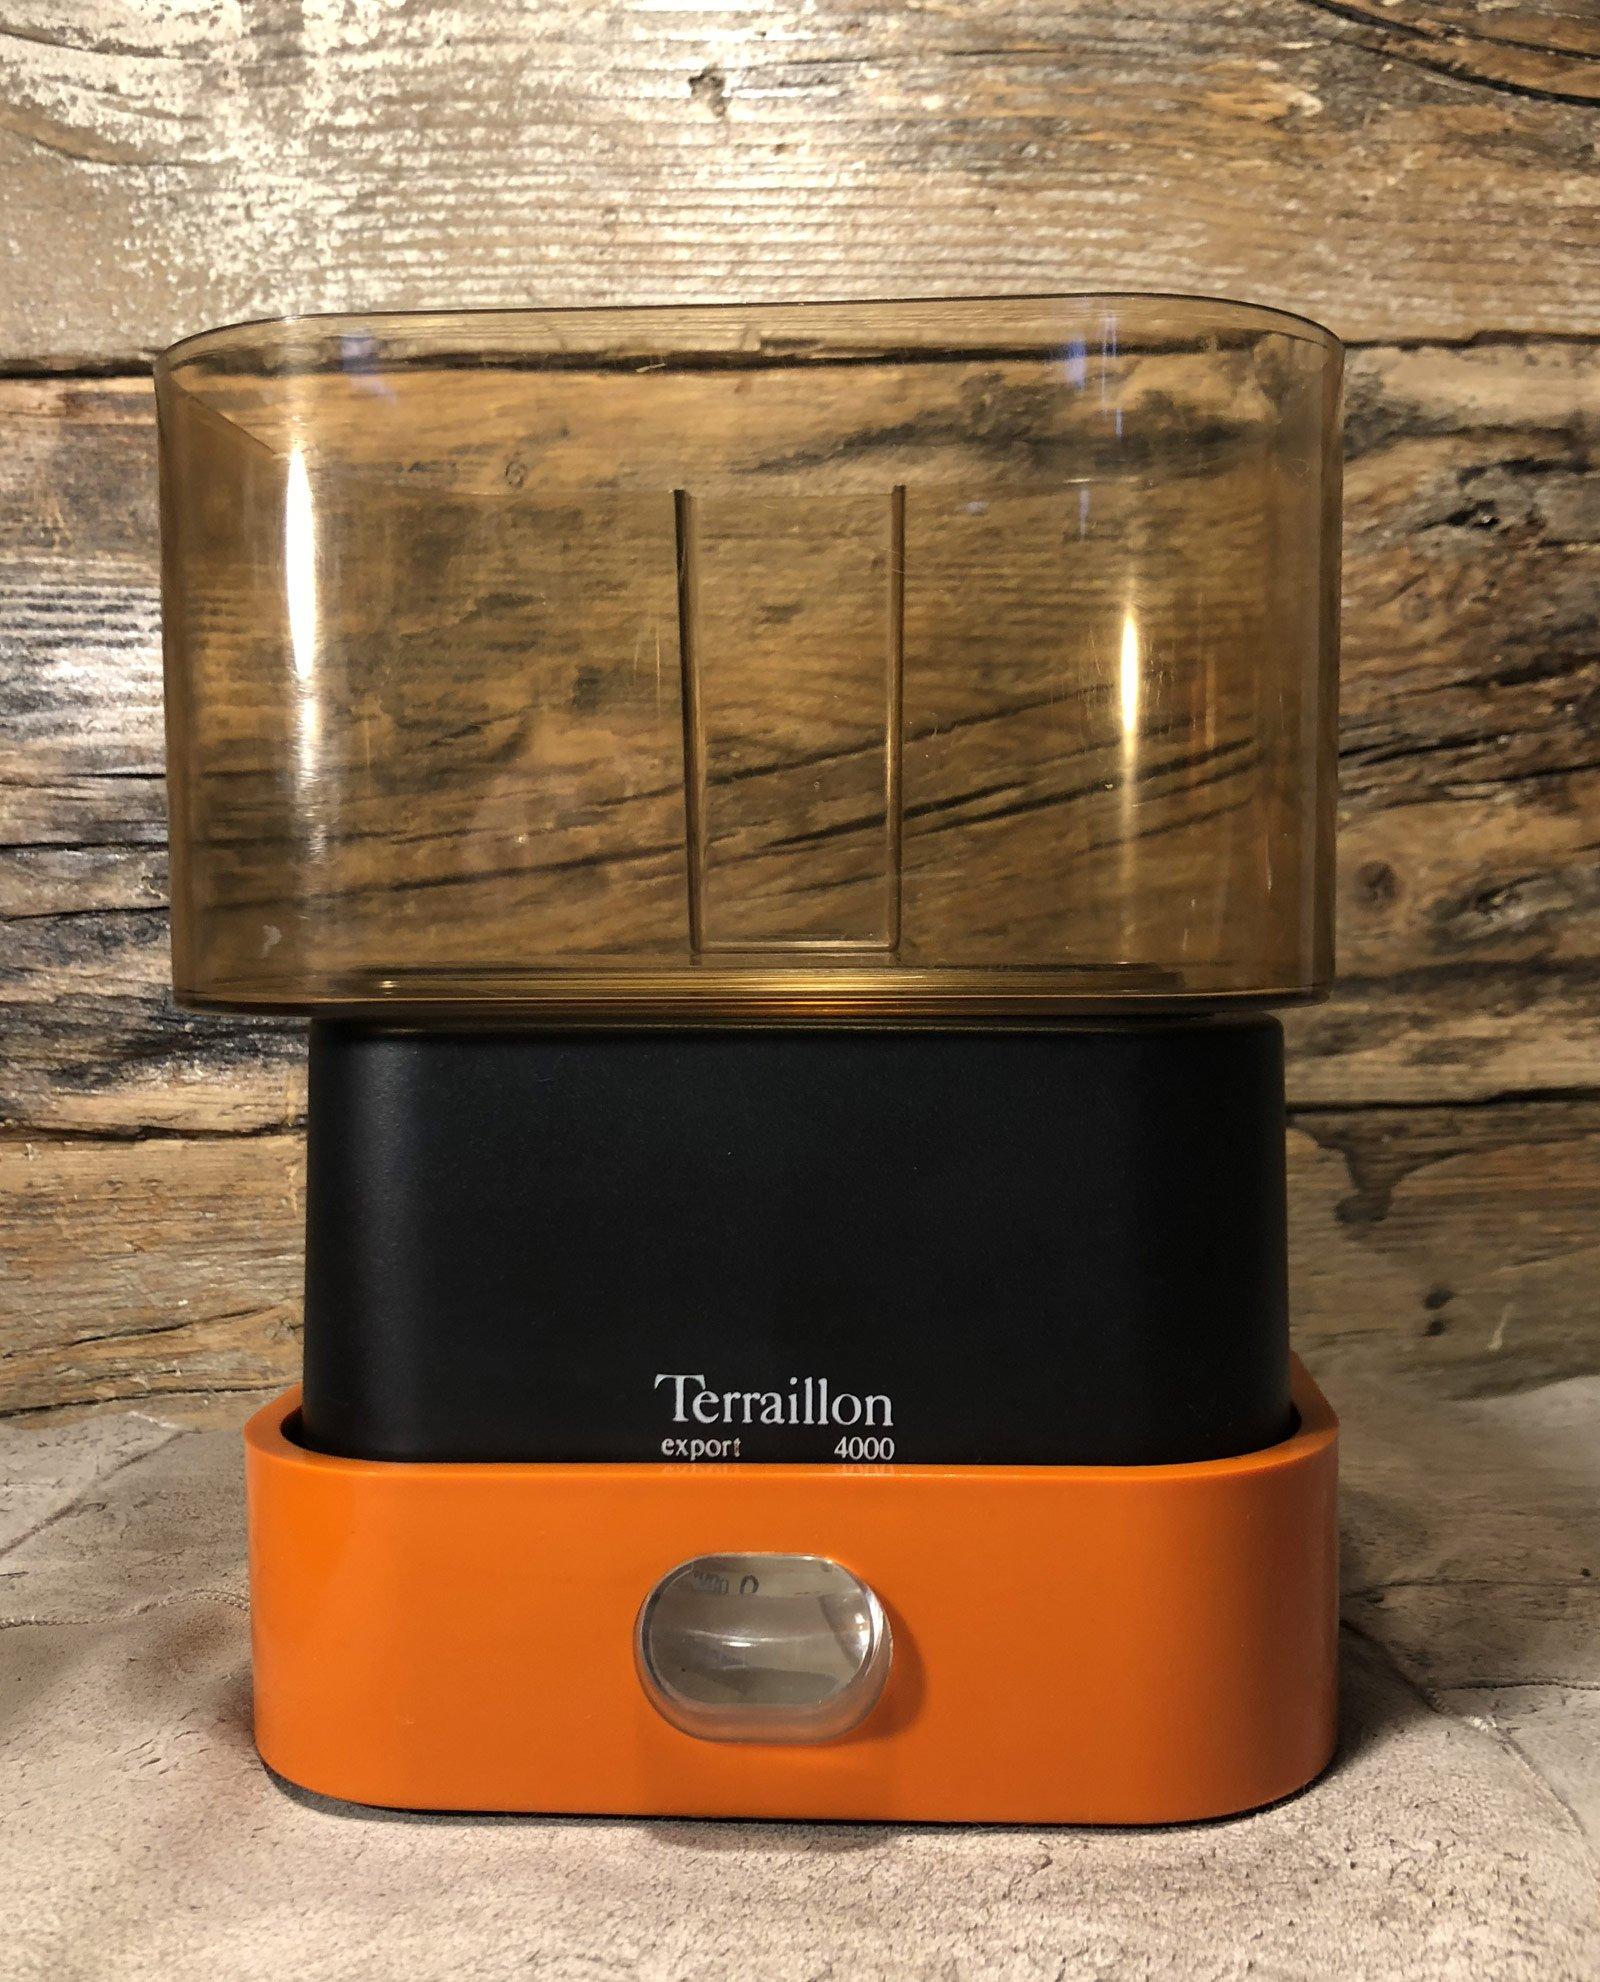 Bilancia da cucina Terraillon Export 4000 | Design Zanuso - Cheantico